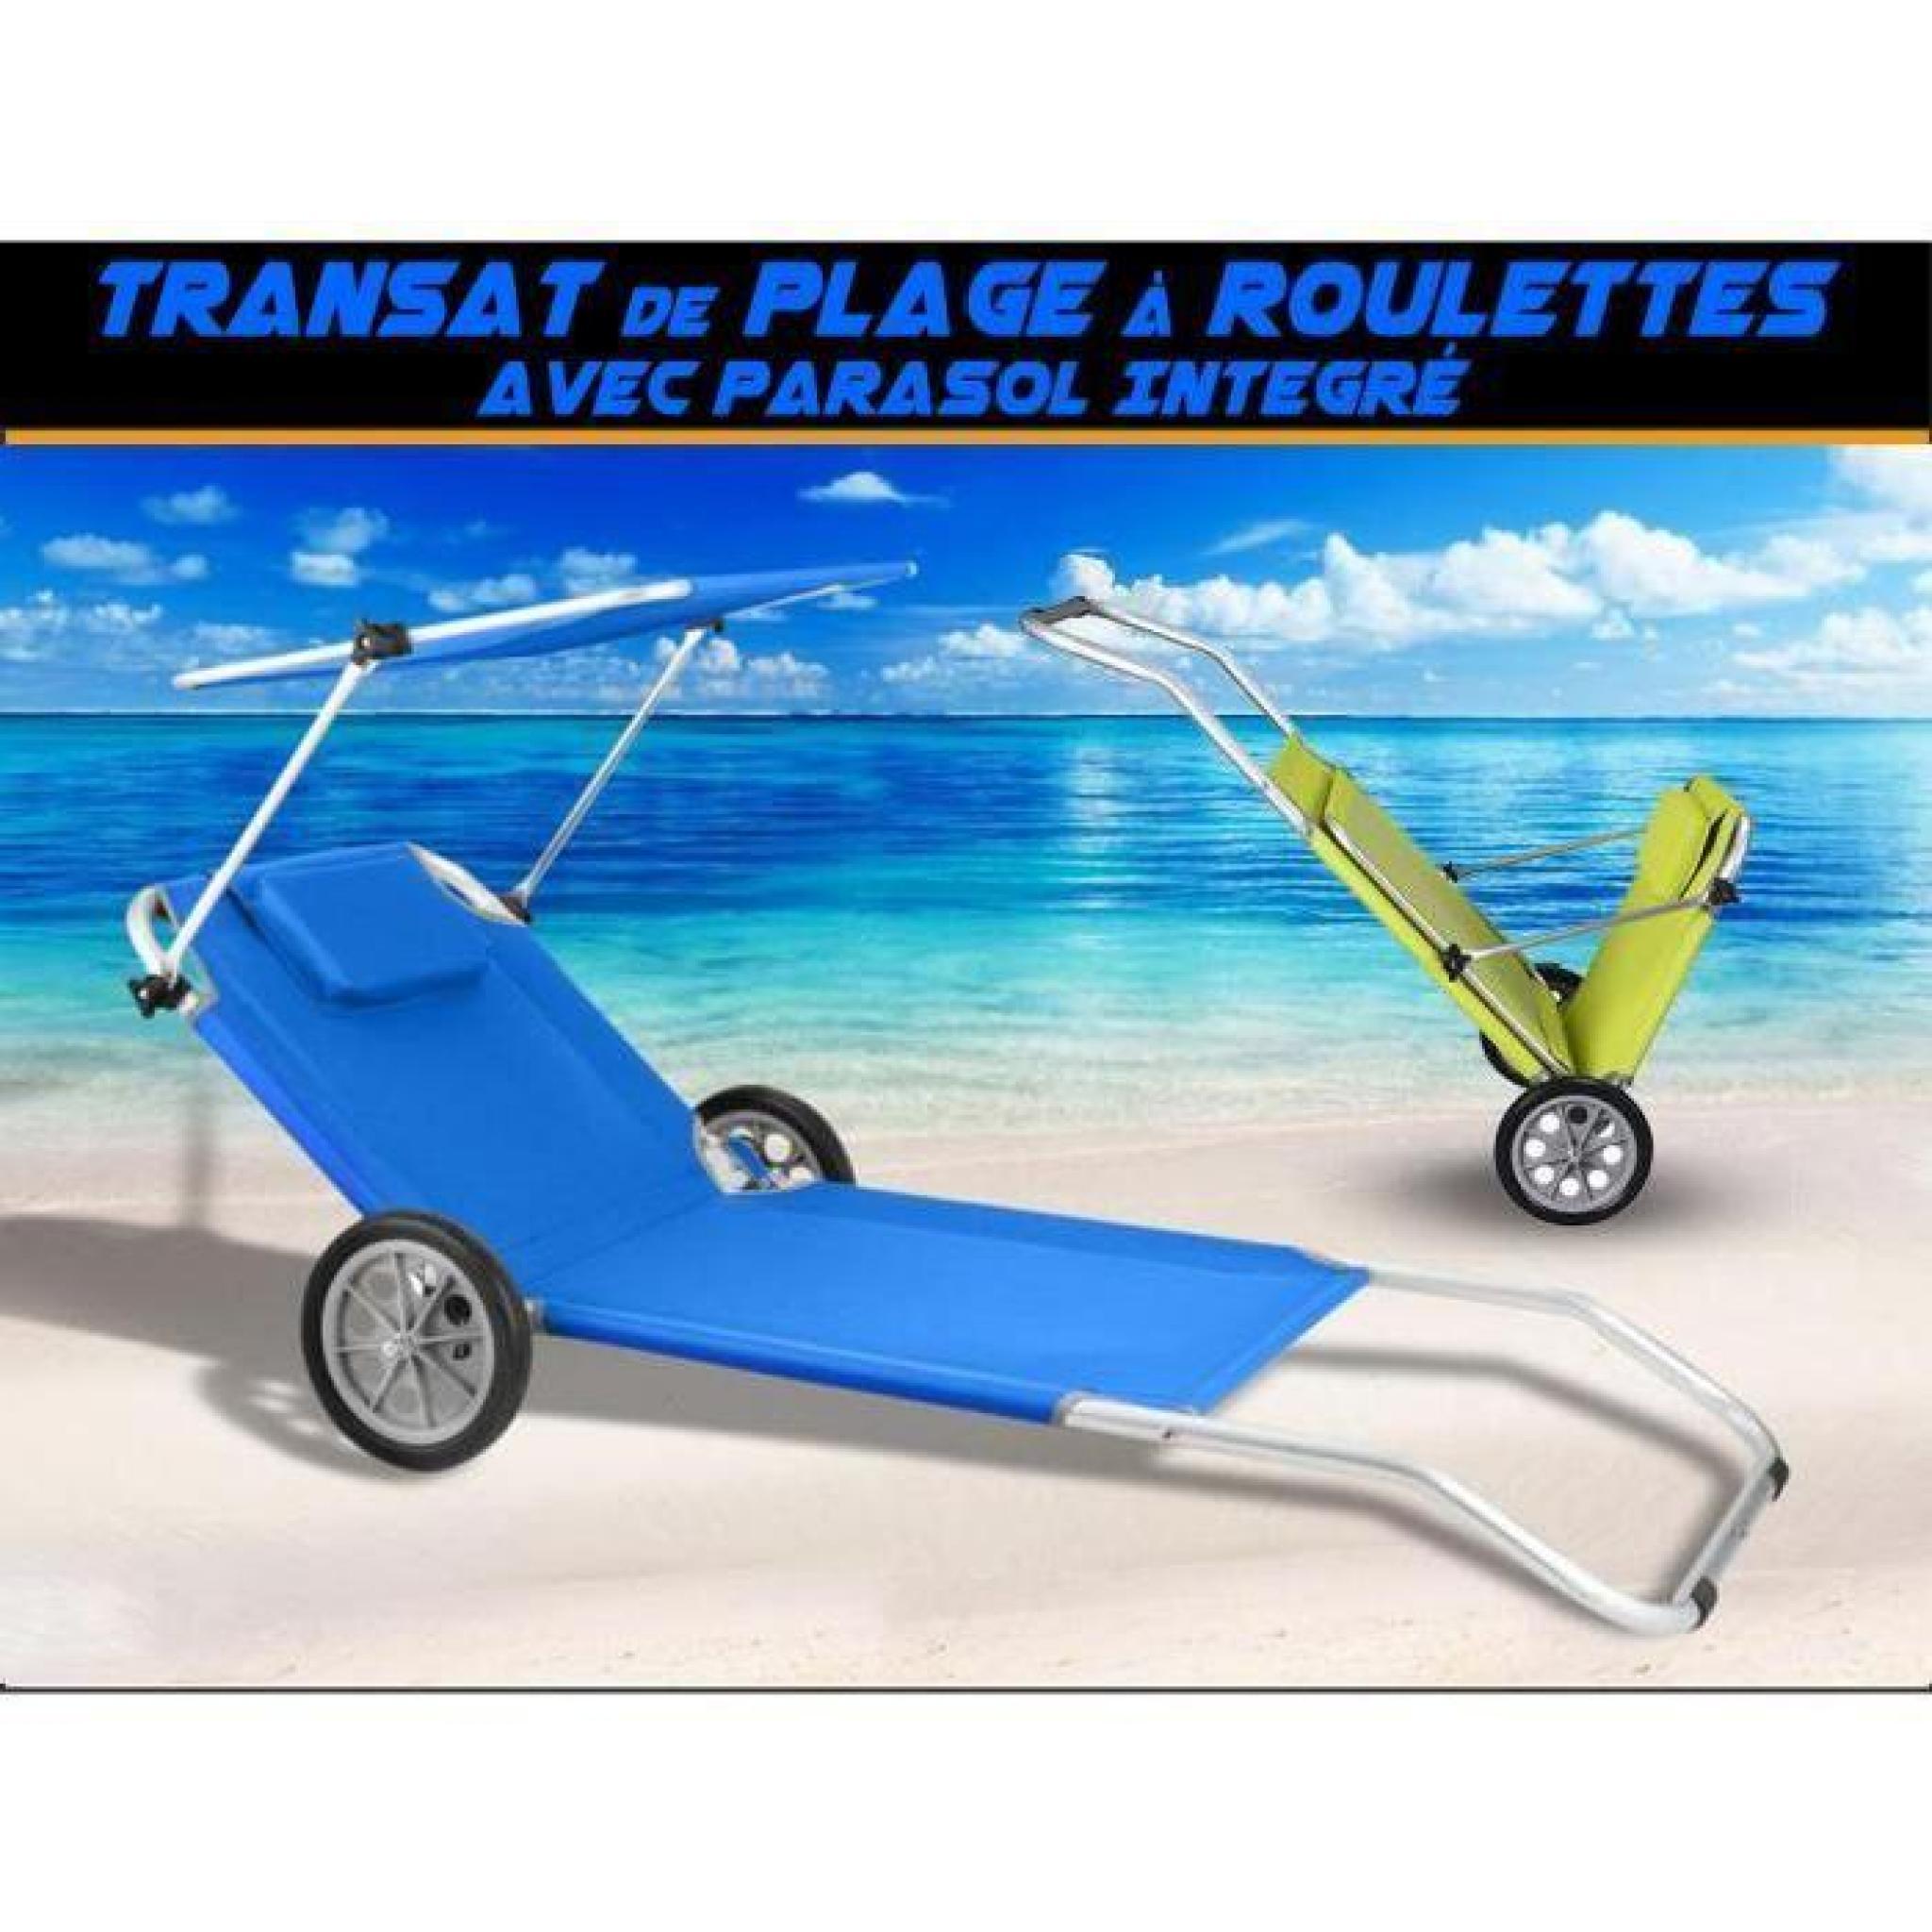 Transat Plage Chaise Longue A Roulettes Malibu Bleu Parasol Integre Chariot Achat Vente Transat De Jardin Pas Cher Coindujardin Com